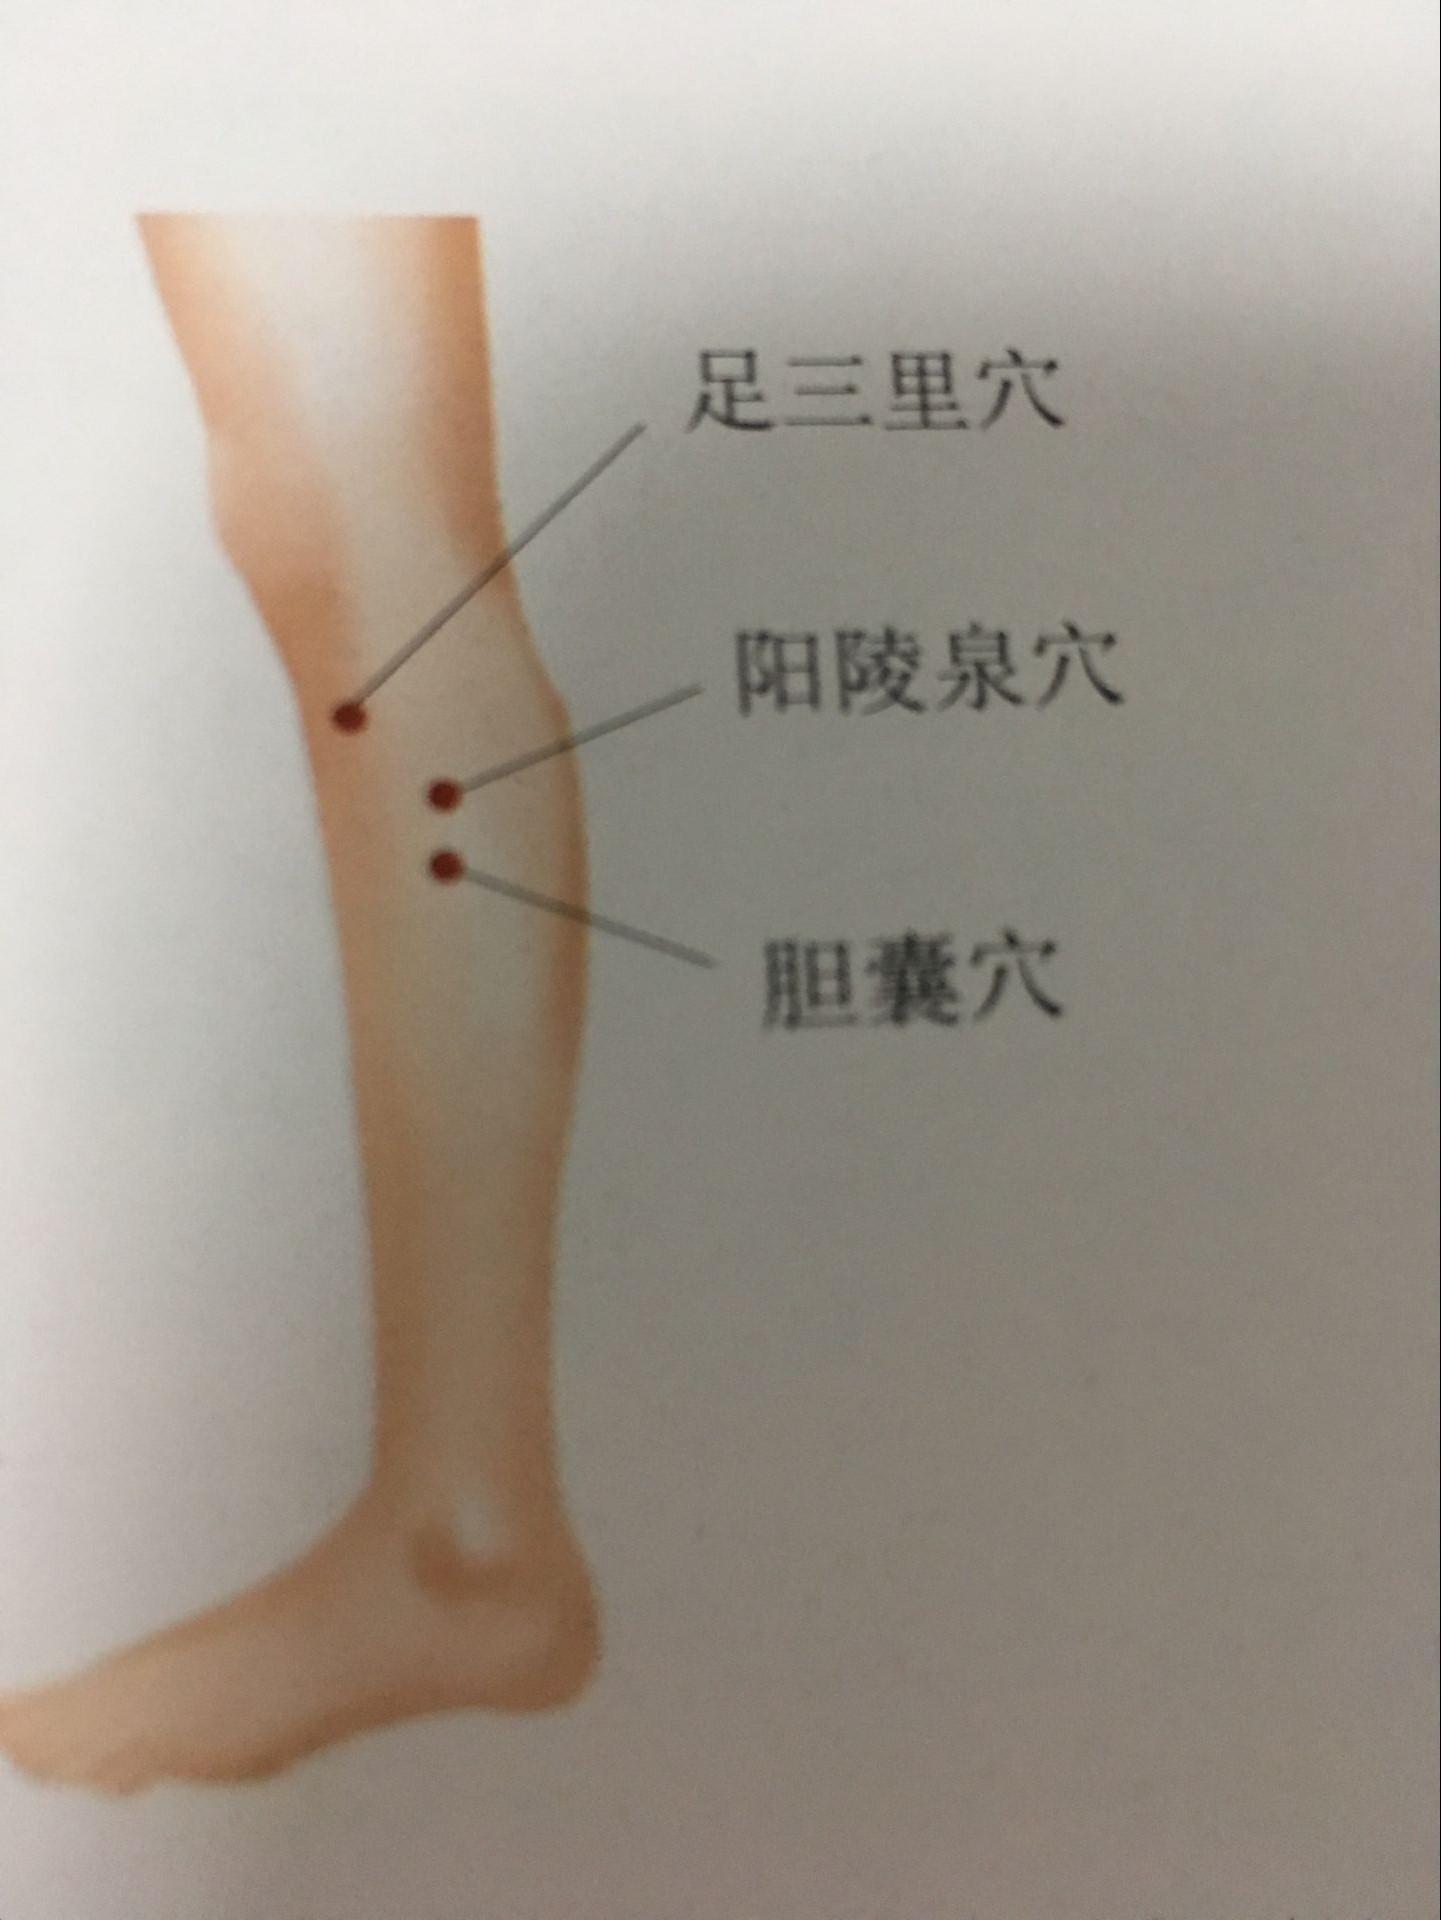 艾灸治好胆结石的原理_胆结石可怕吗 艾灸能把胆结石灸成泥沙状